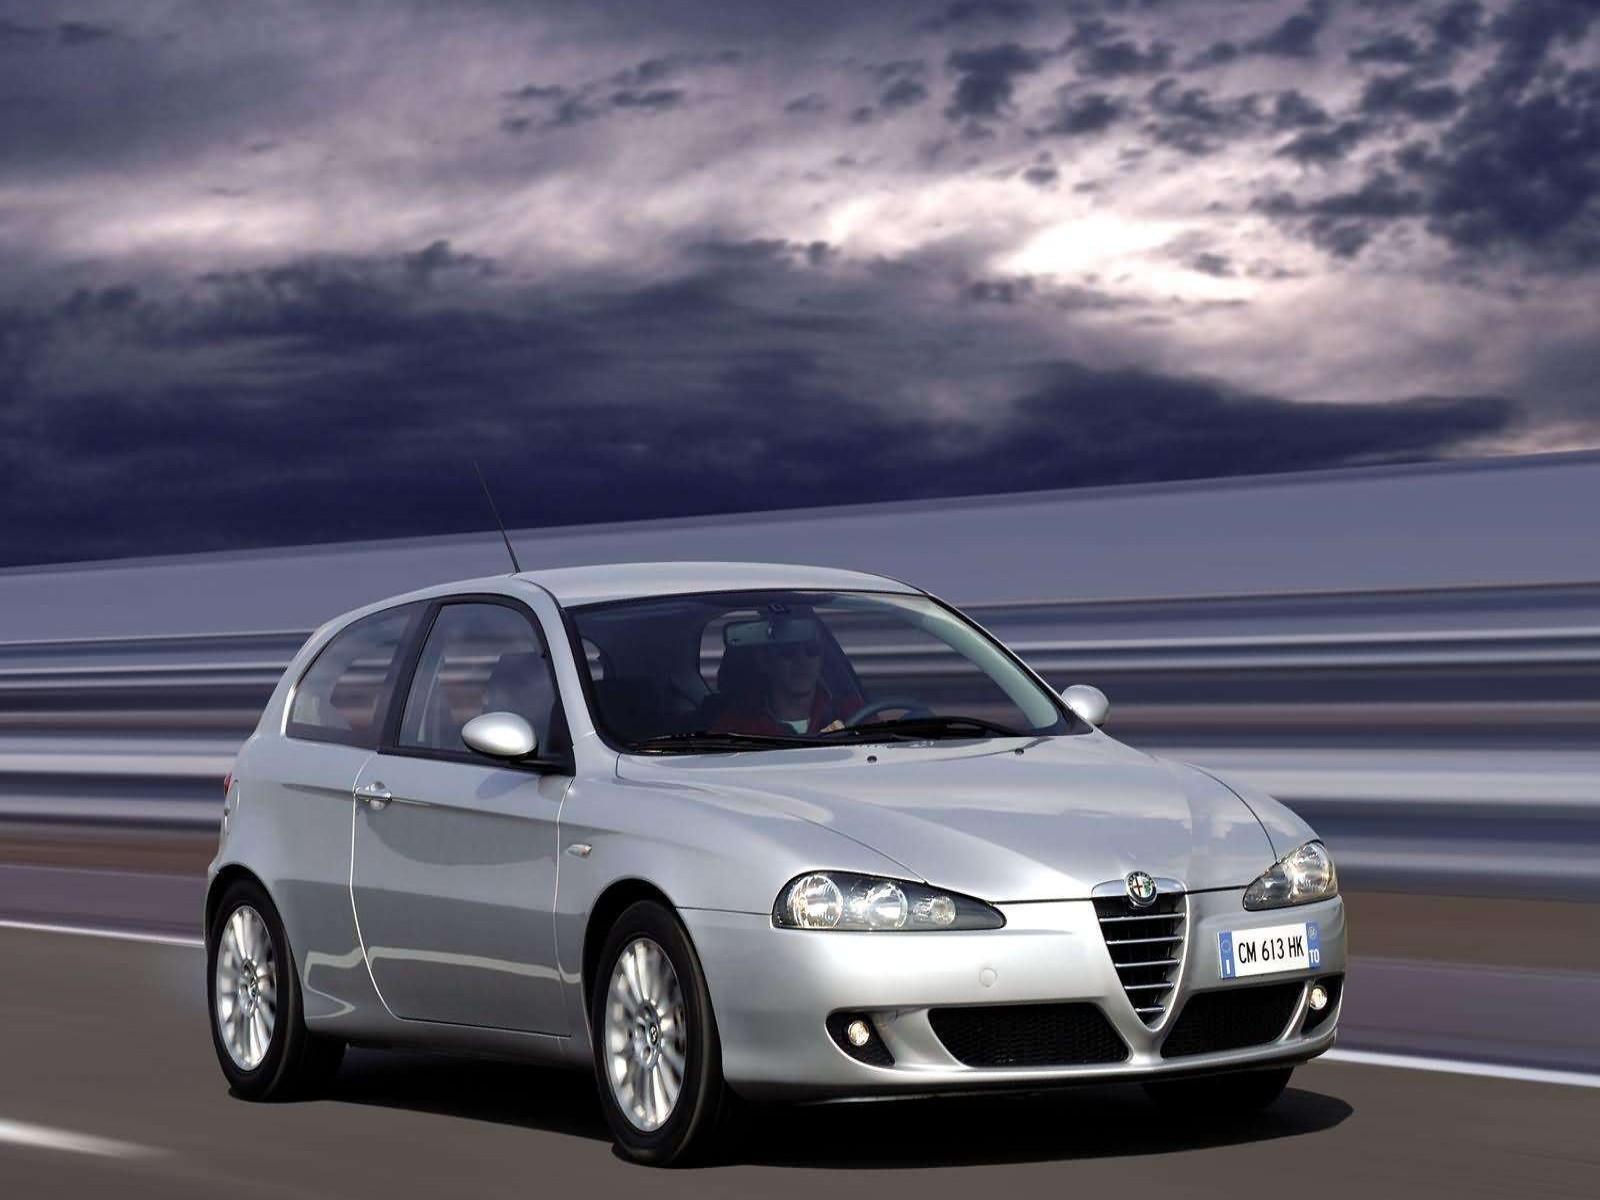 Car And Car Zone Alfa Romeo 147 3door 2004 New Cars Car